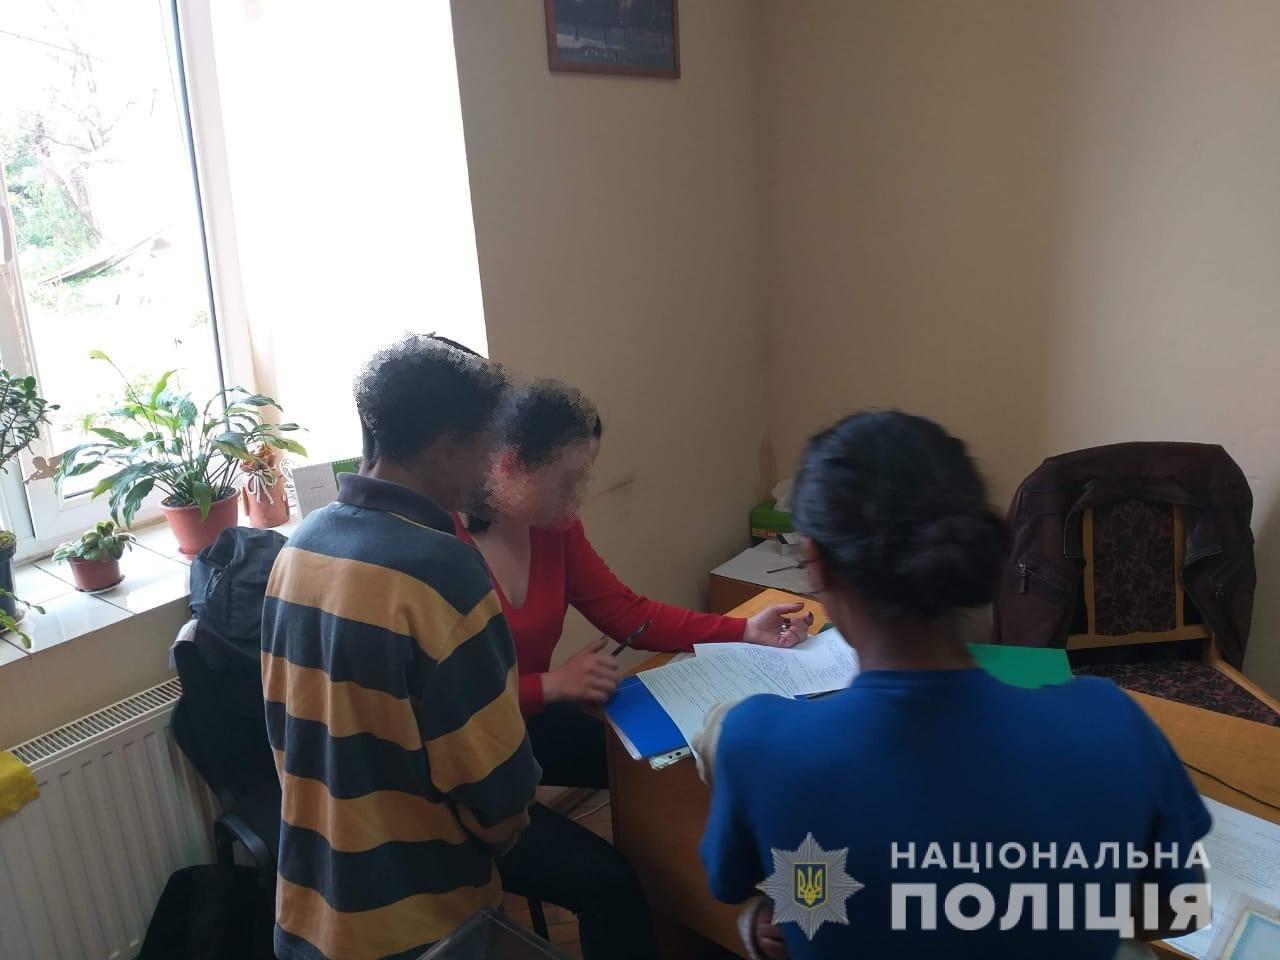 В Ужгороді правоохоронці під час профілактичного рейду виявили дітей, що займались жебрацтвом (ФОТО), фото-3